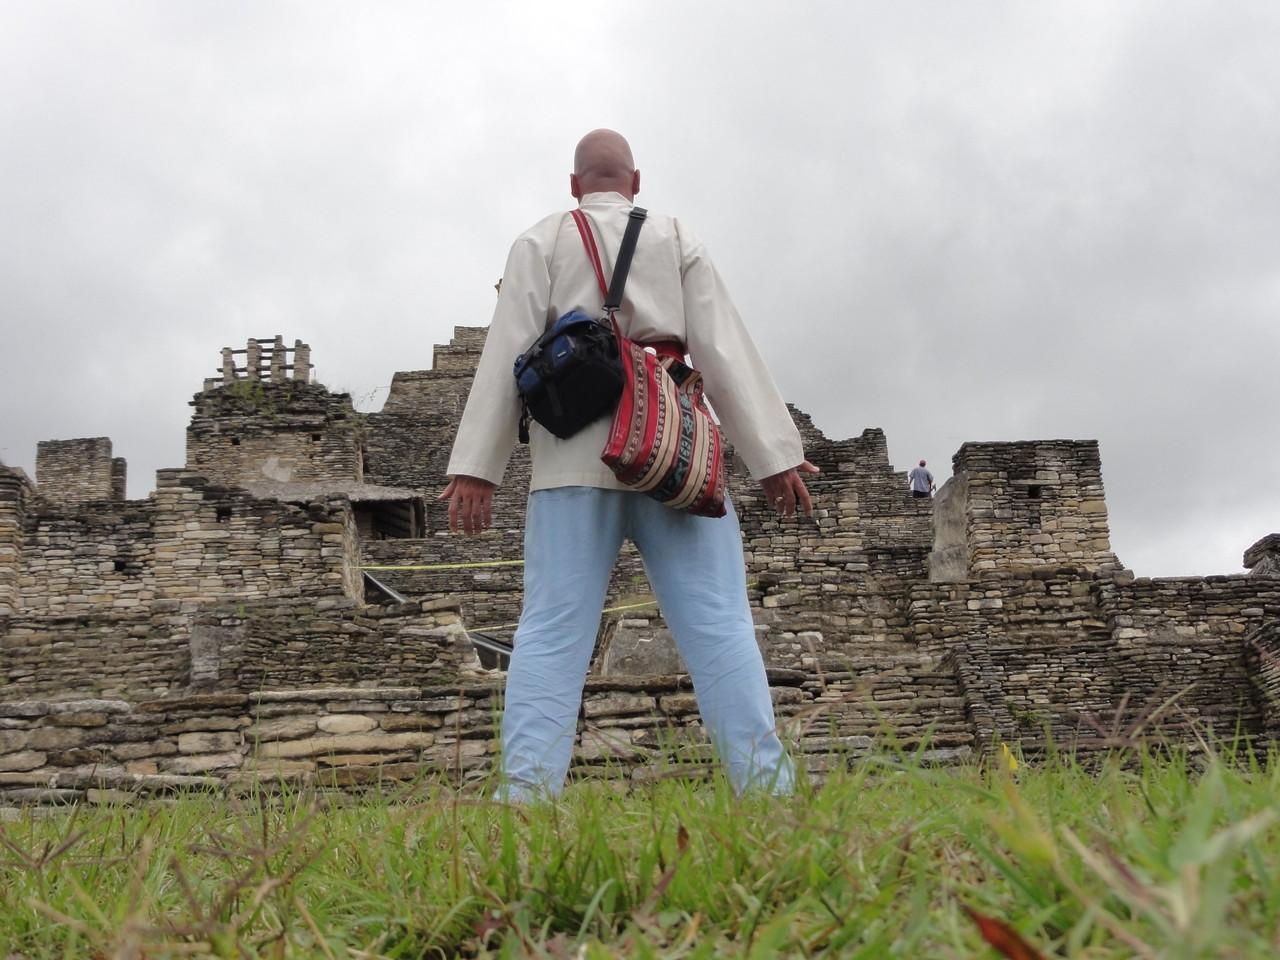 subiendo los 7 niveles de la montaña-pirámide